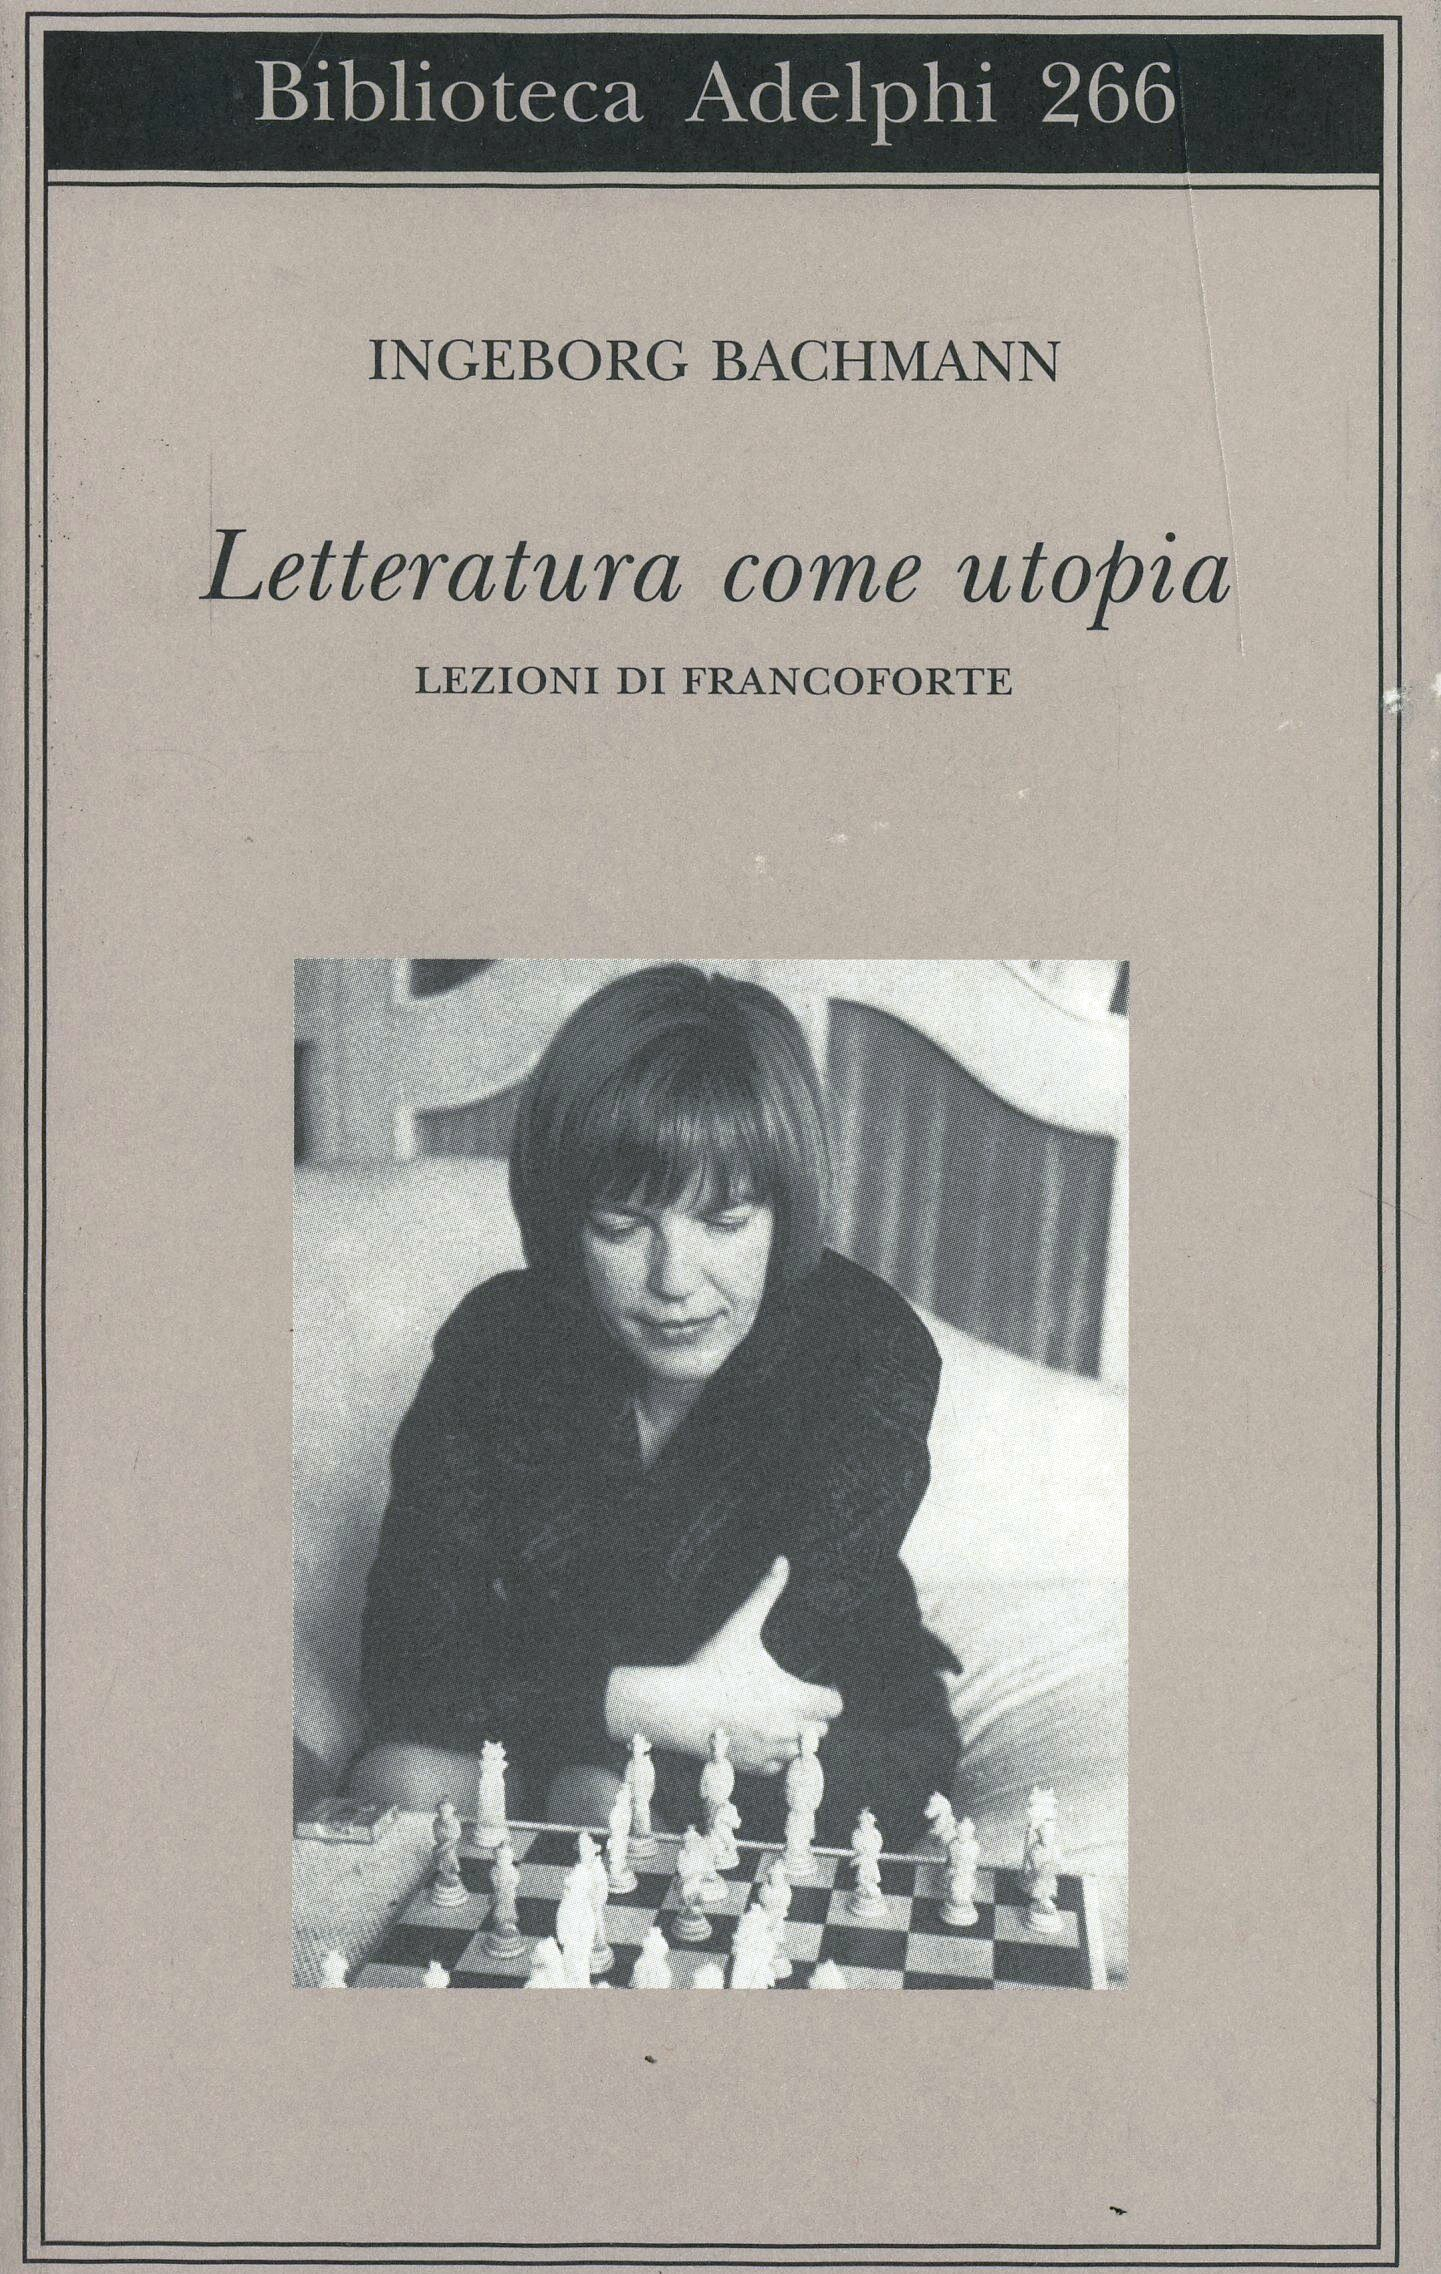 Letteratura come utopia. Lezioni di Francoforte